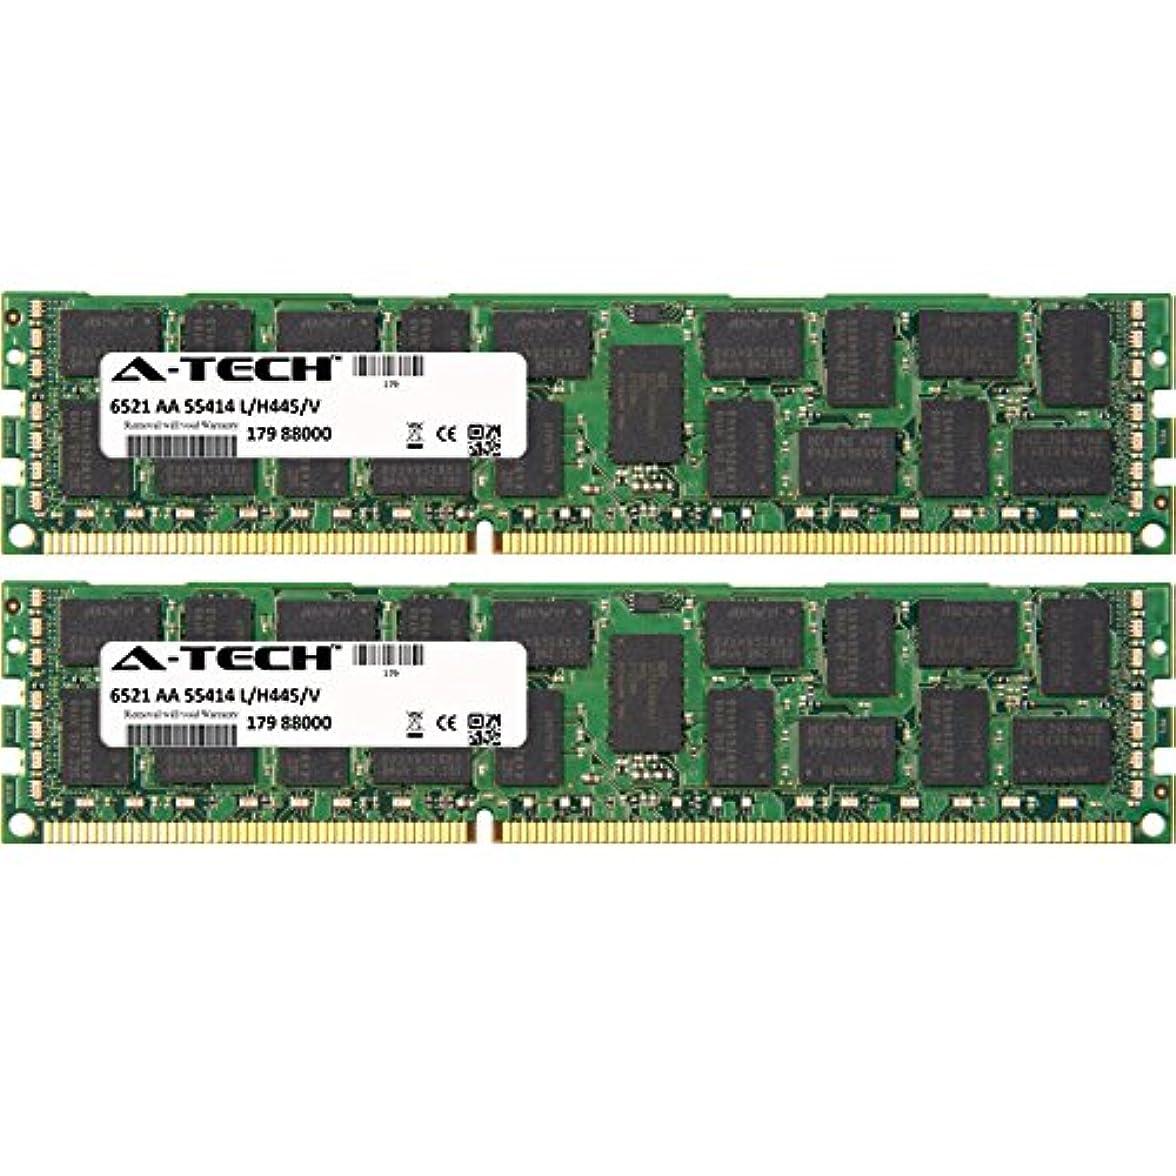 エンジンレースタイプA-Tech Components バリエーションペアレント VP0000000008572 16GB KIT (2 x 8GB) (1600MHz) Quad Rank AM145365